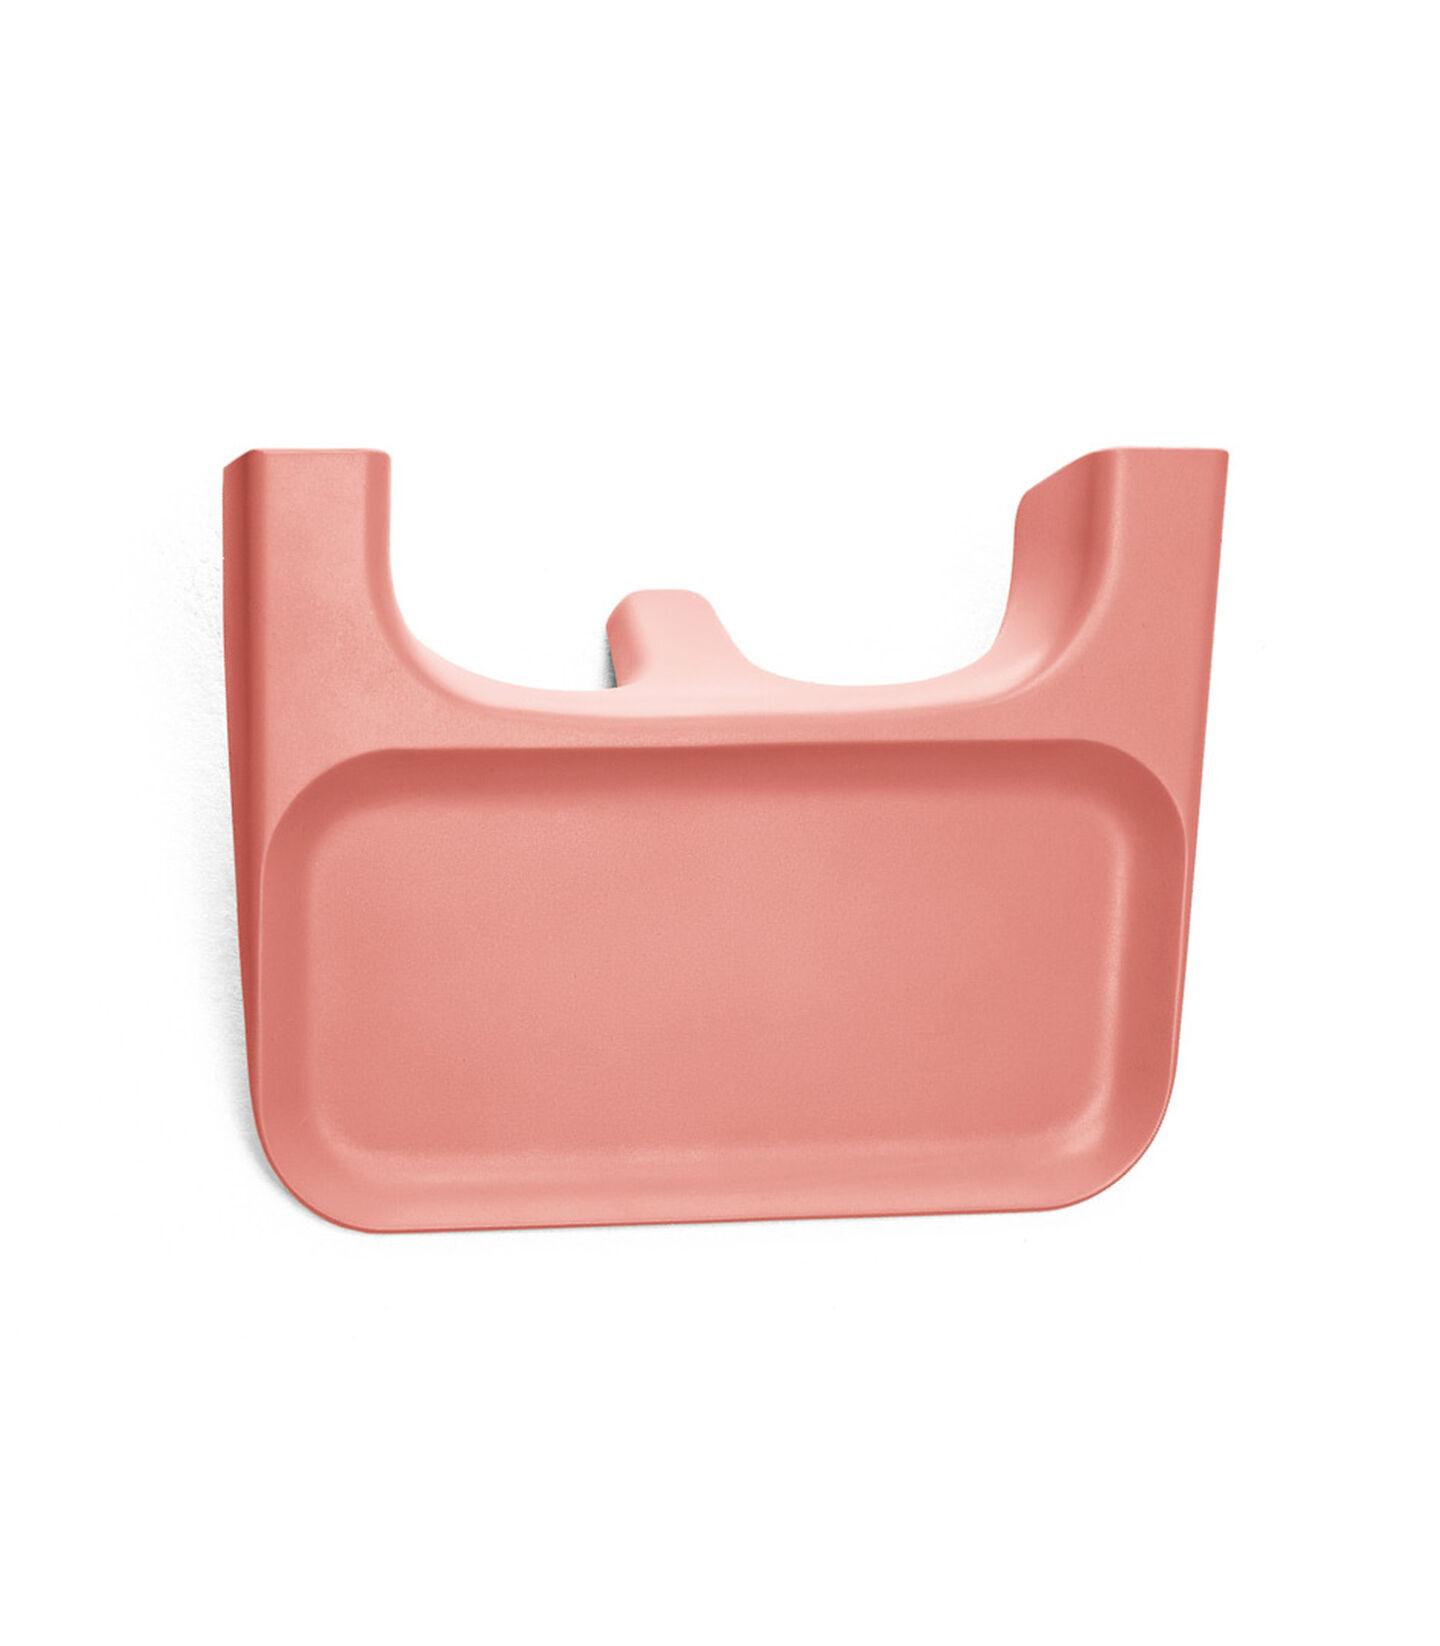 Stokke® Clikk™ Vassoio Sunny Coral, Corallo Acceso, mainview view 1